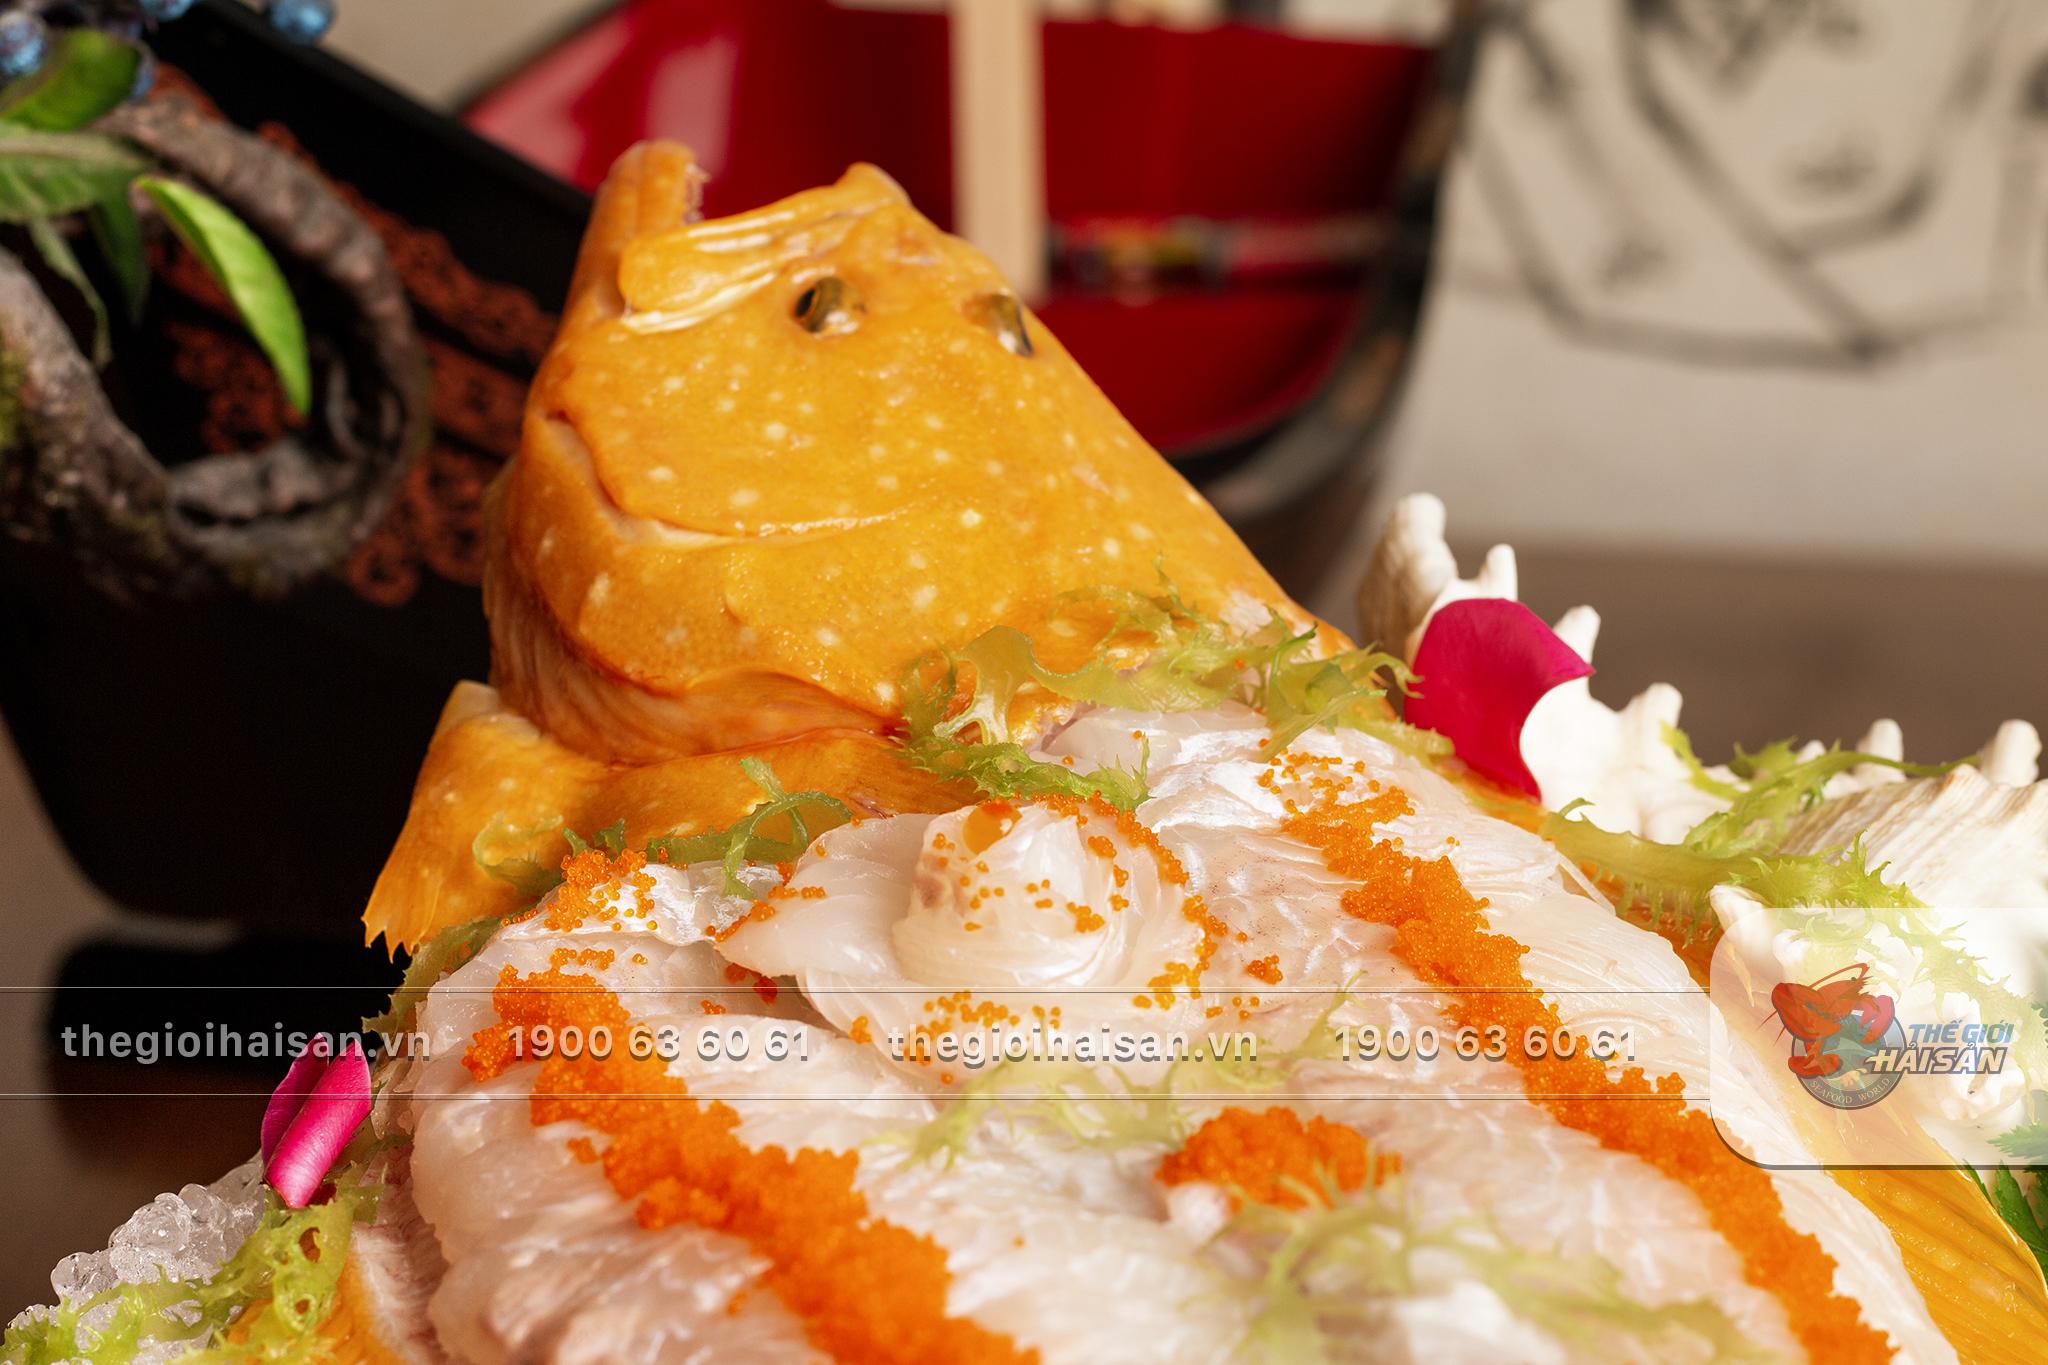 Món cá bơn tươi ngon vừa được chế biến